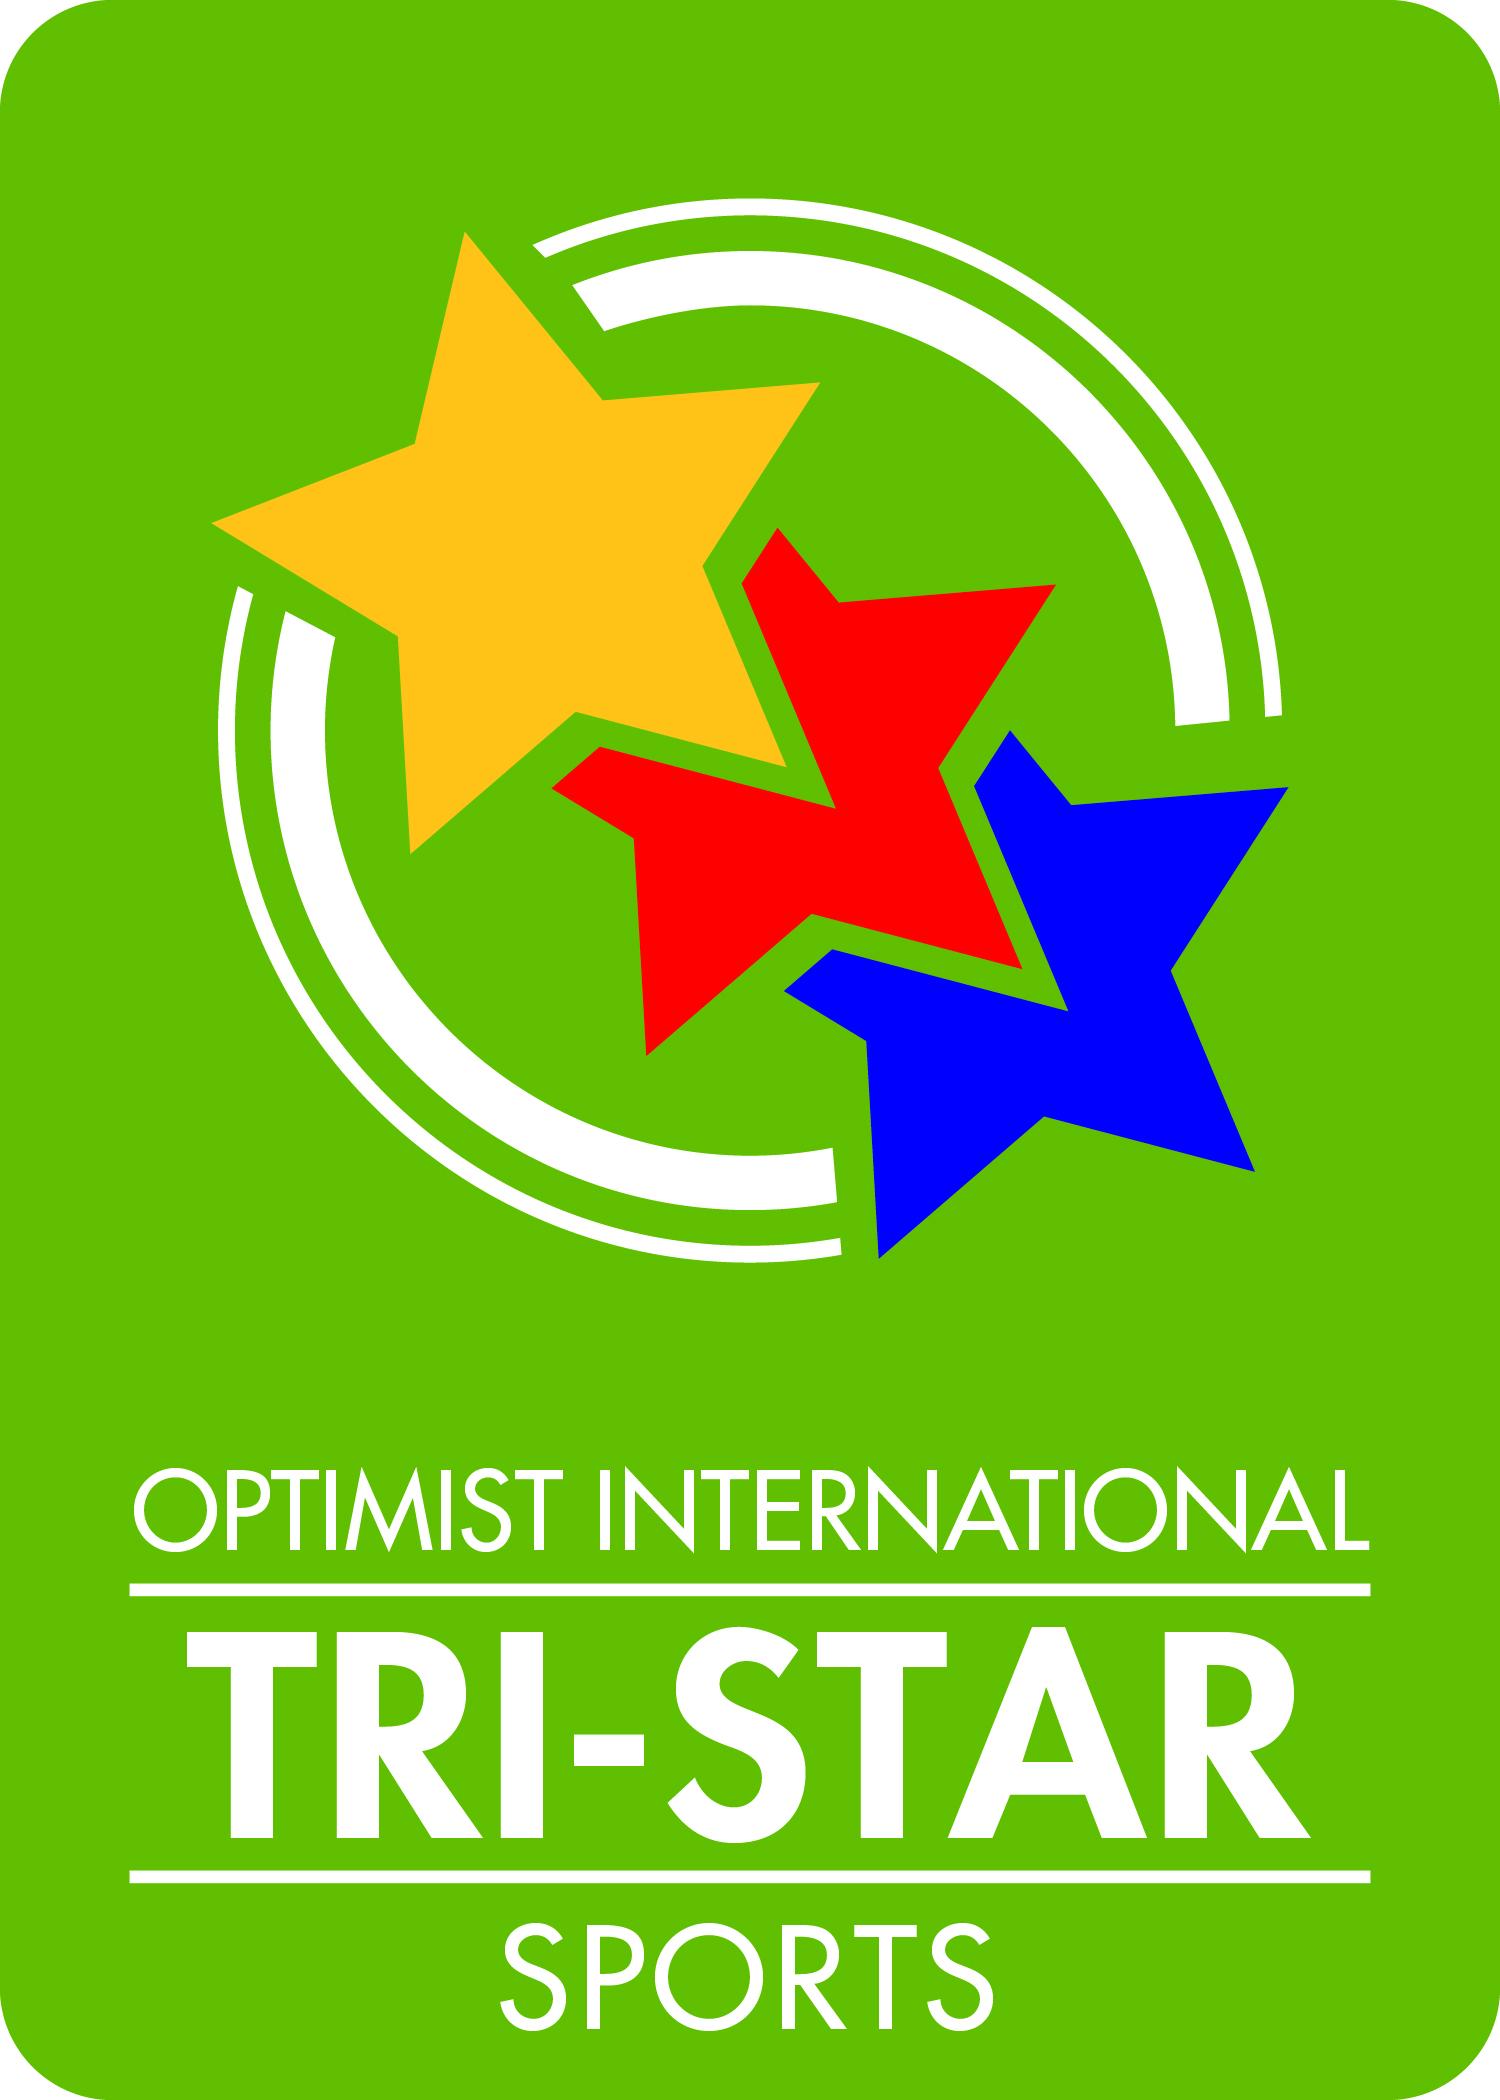 optimist international essay contest